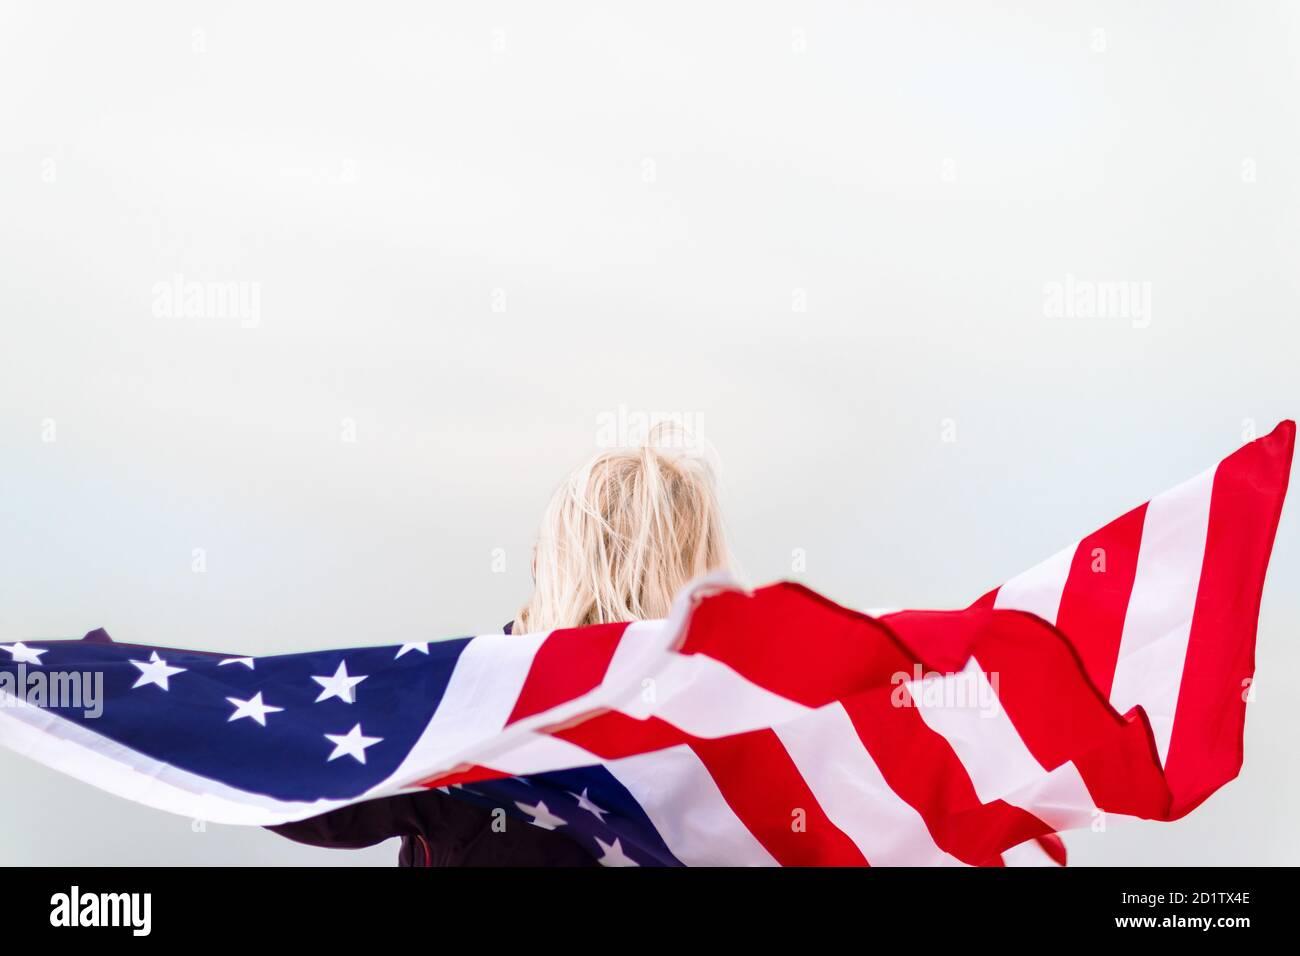 Femme blonde caucasienne portant le drapeau américain penchée contre le dos et regardant la mer. Drapeau des États-Unis pour le jour de l'indépendance Banque D'Images